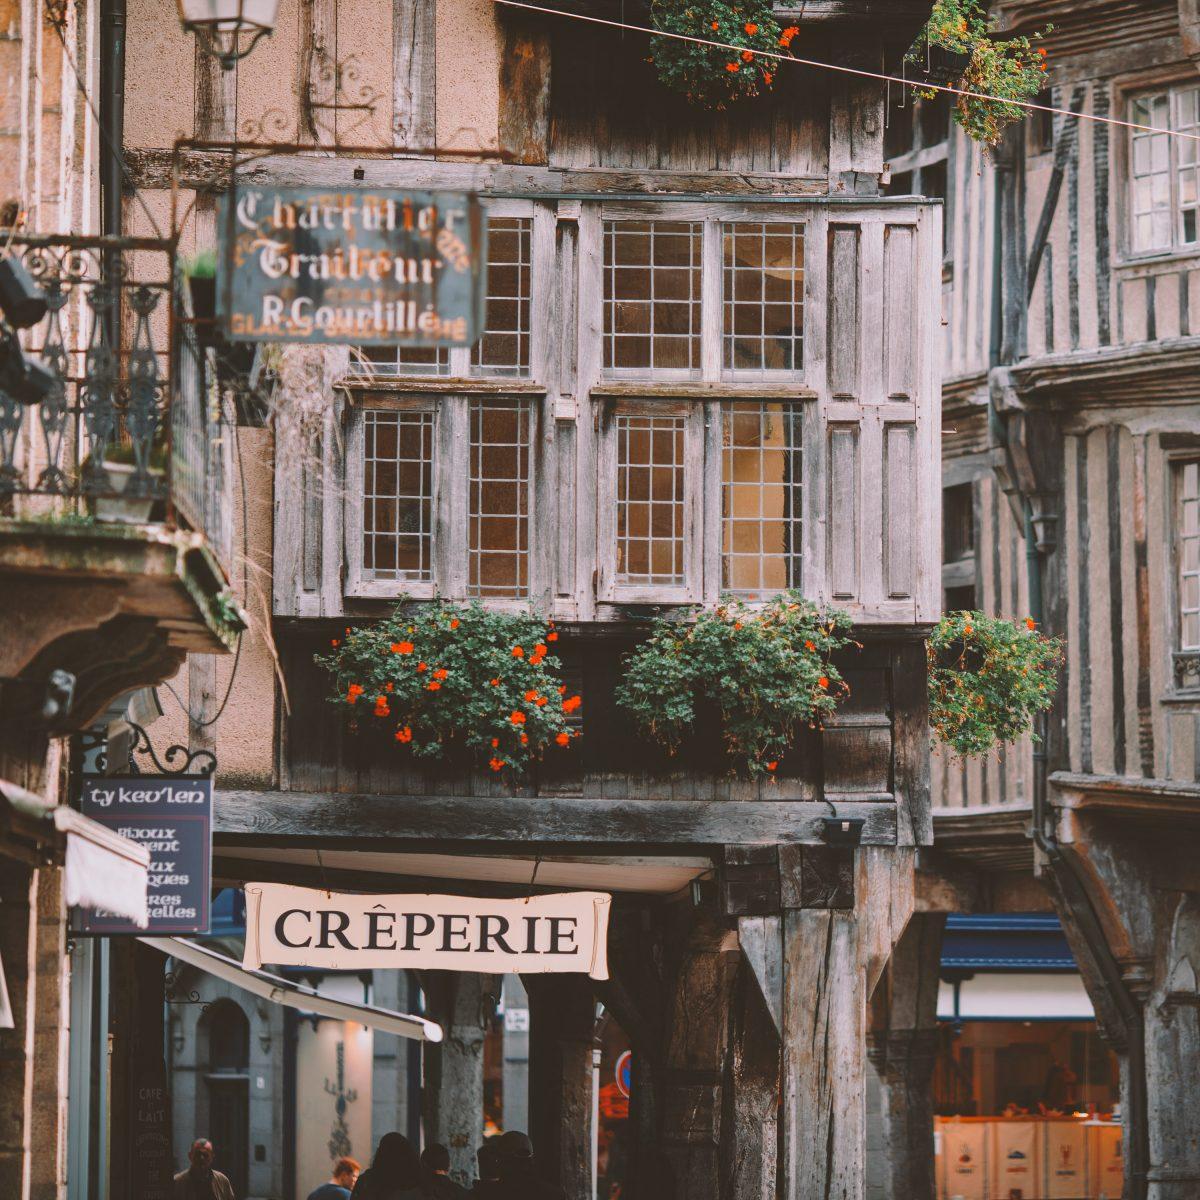 Crepery